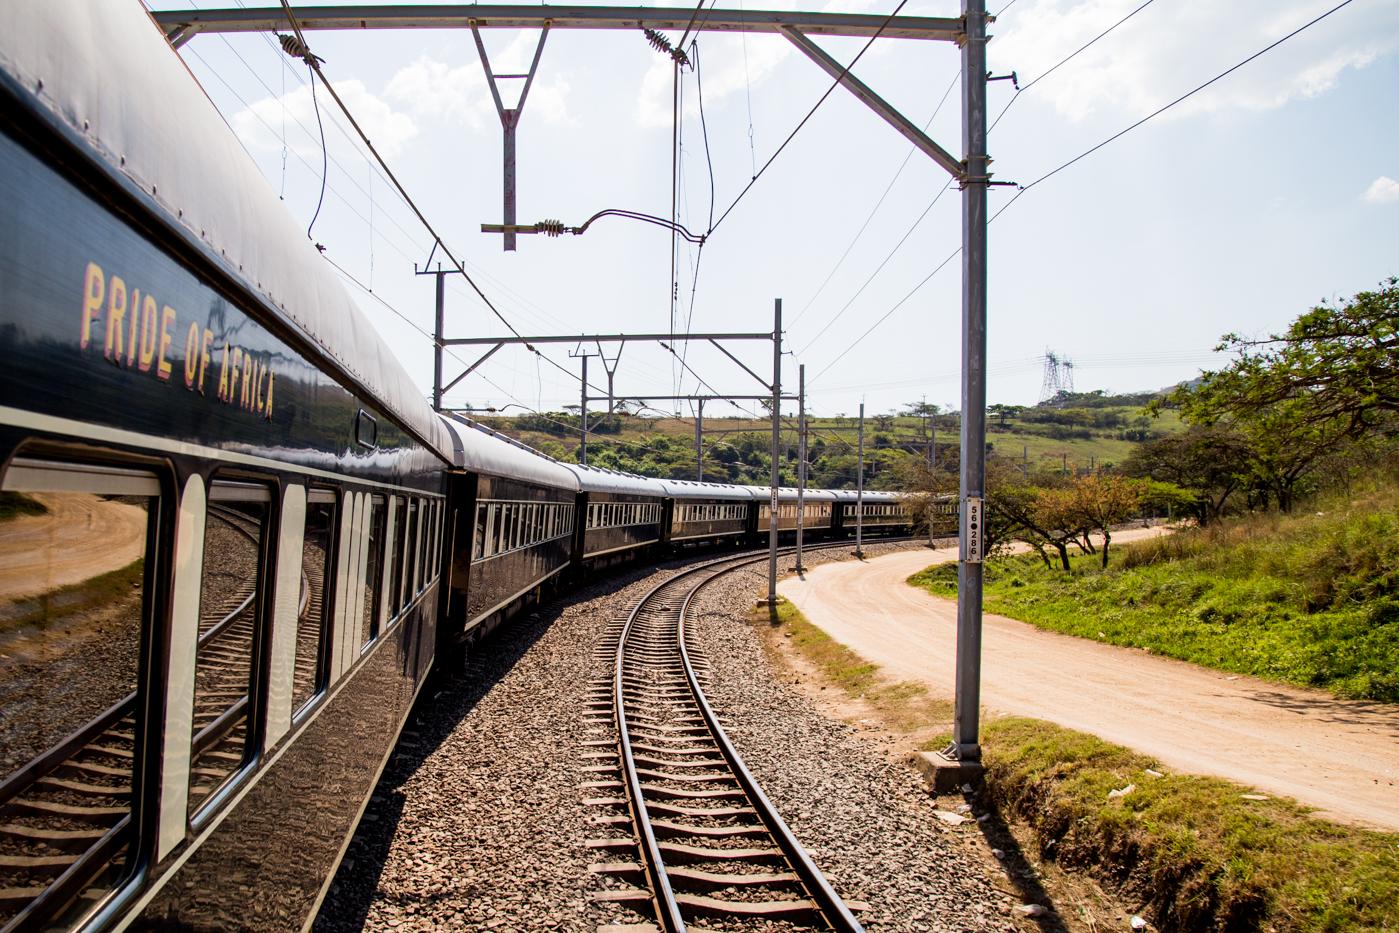 Pride of Africa van Rovos Rail